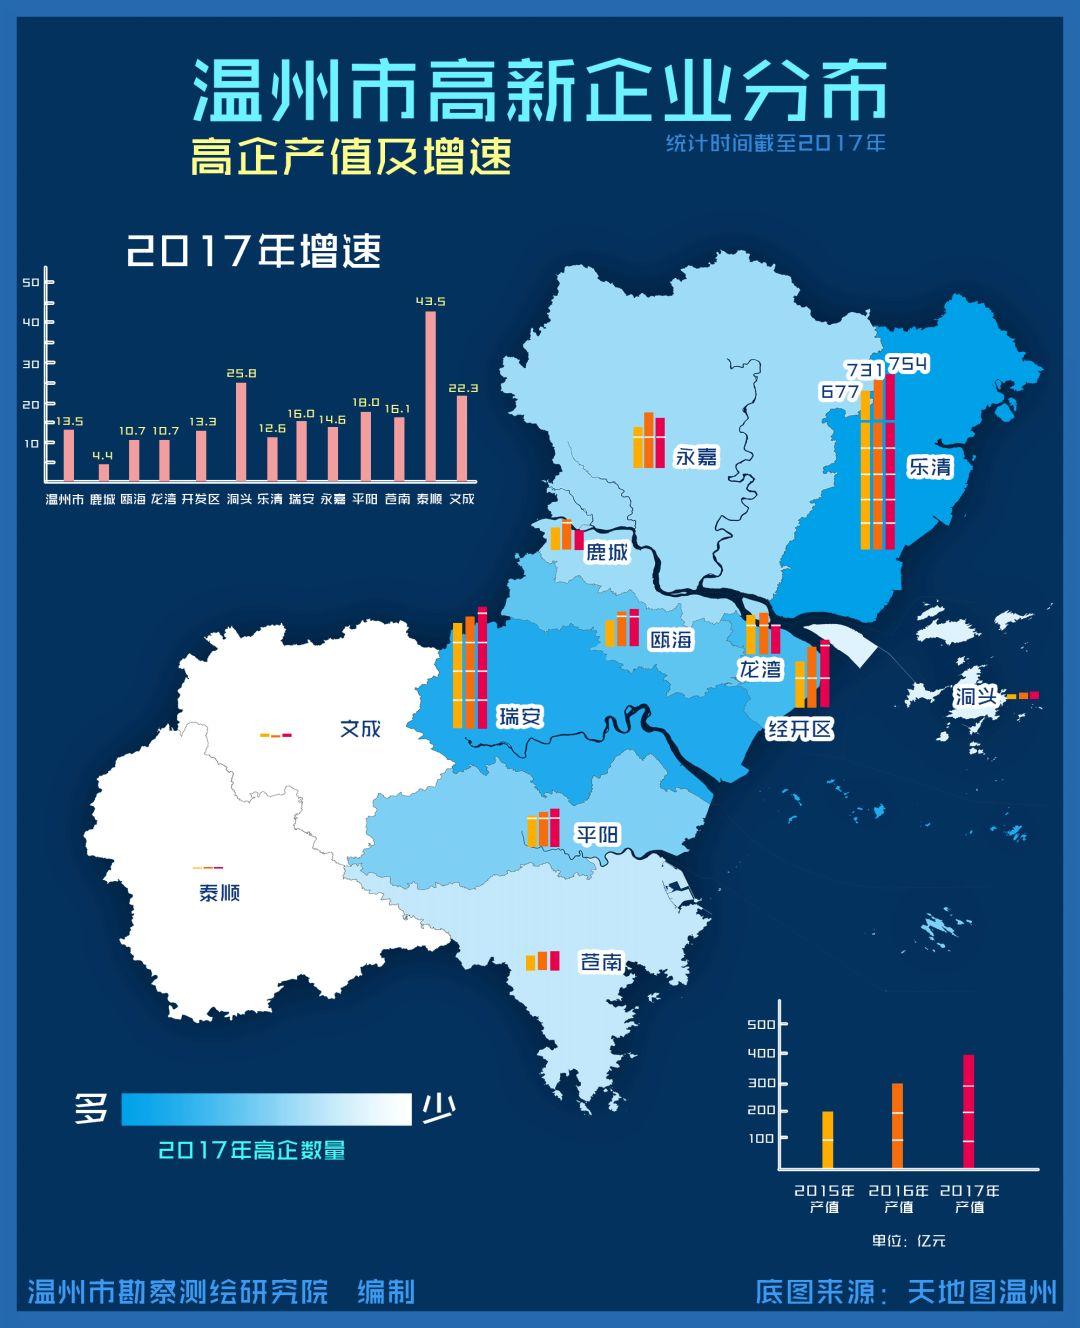 温州市2017年经济总量_温州市年平均降雨量